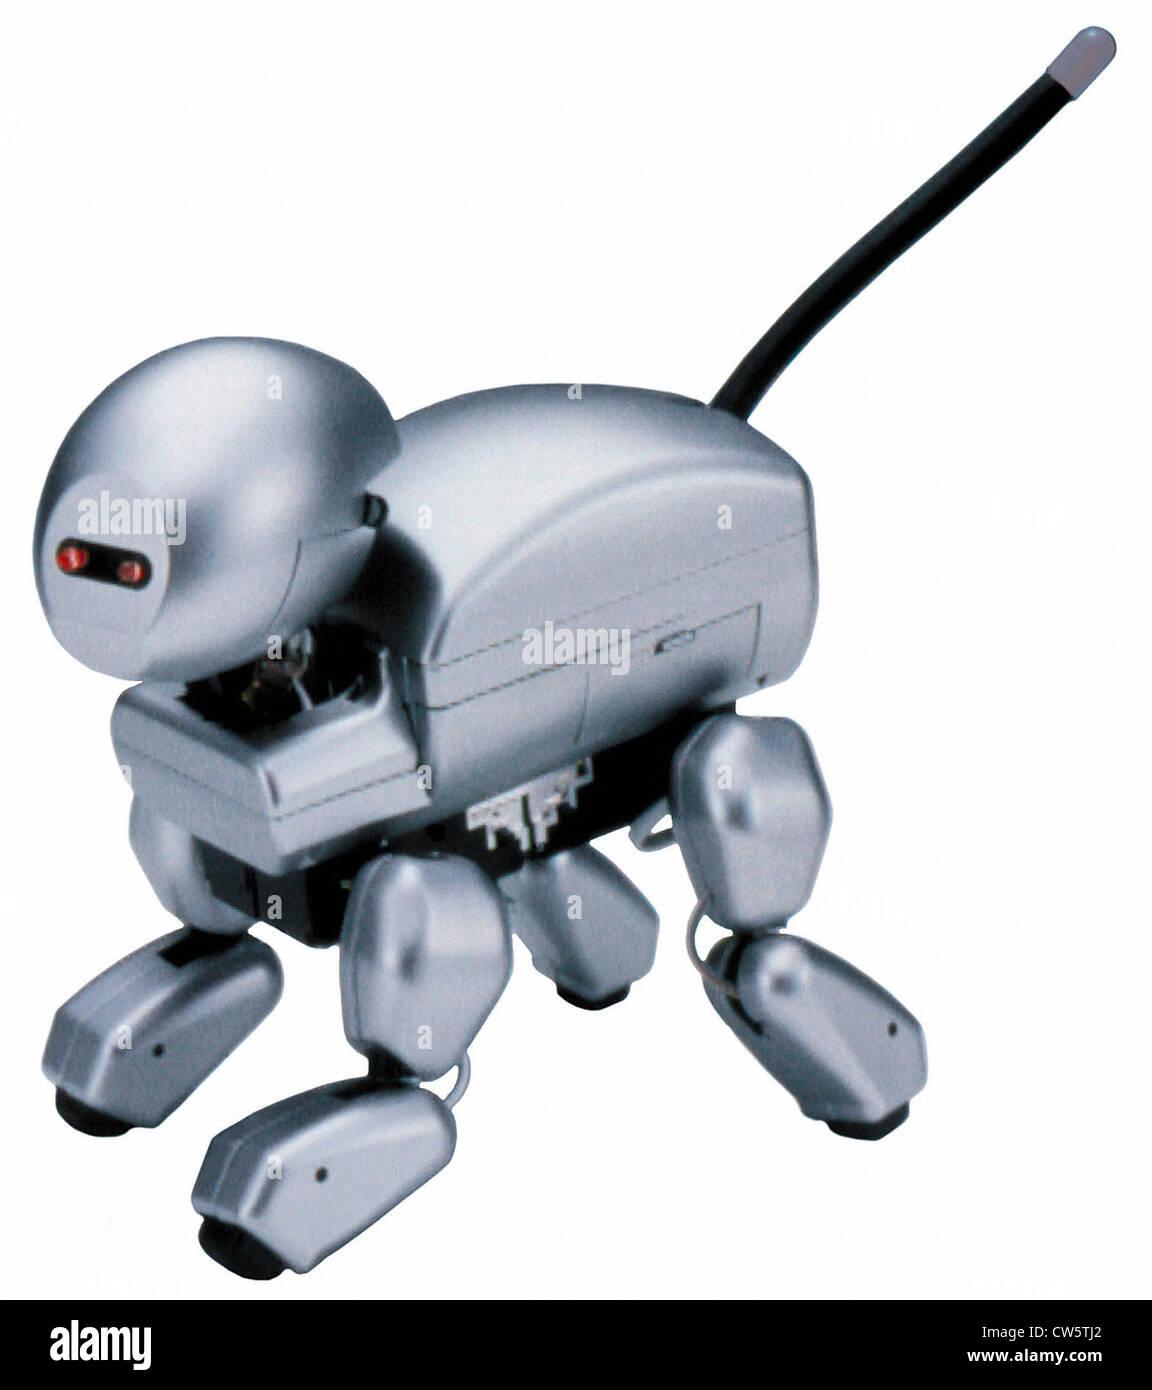 Robot Dog Sony Robo Pet Sciences Stock Photos & Robot Dog